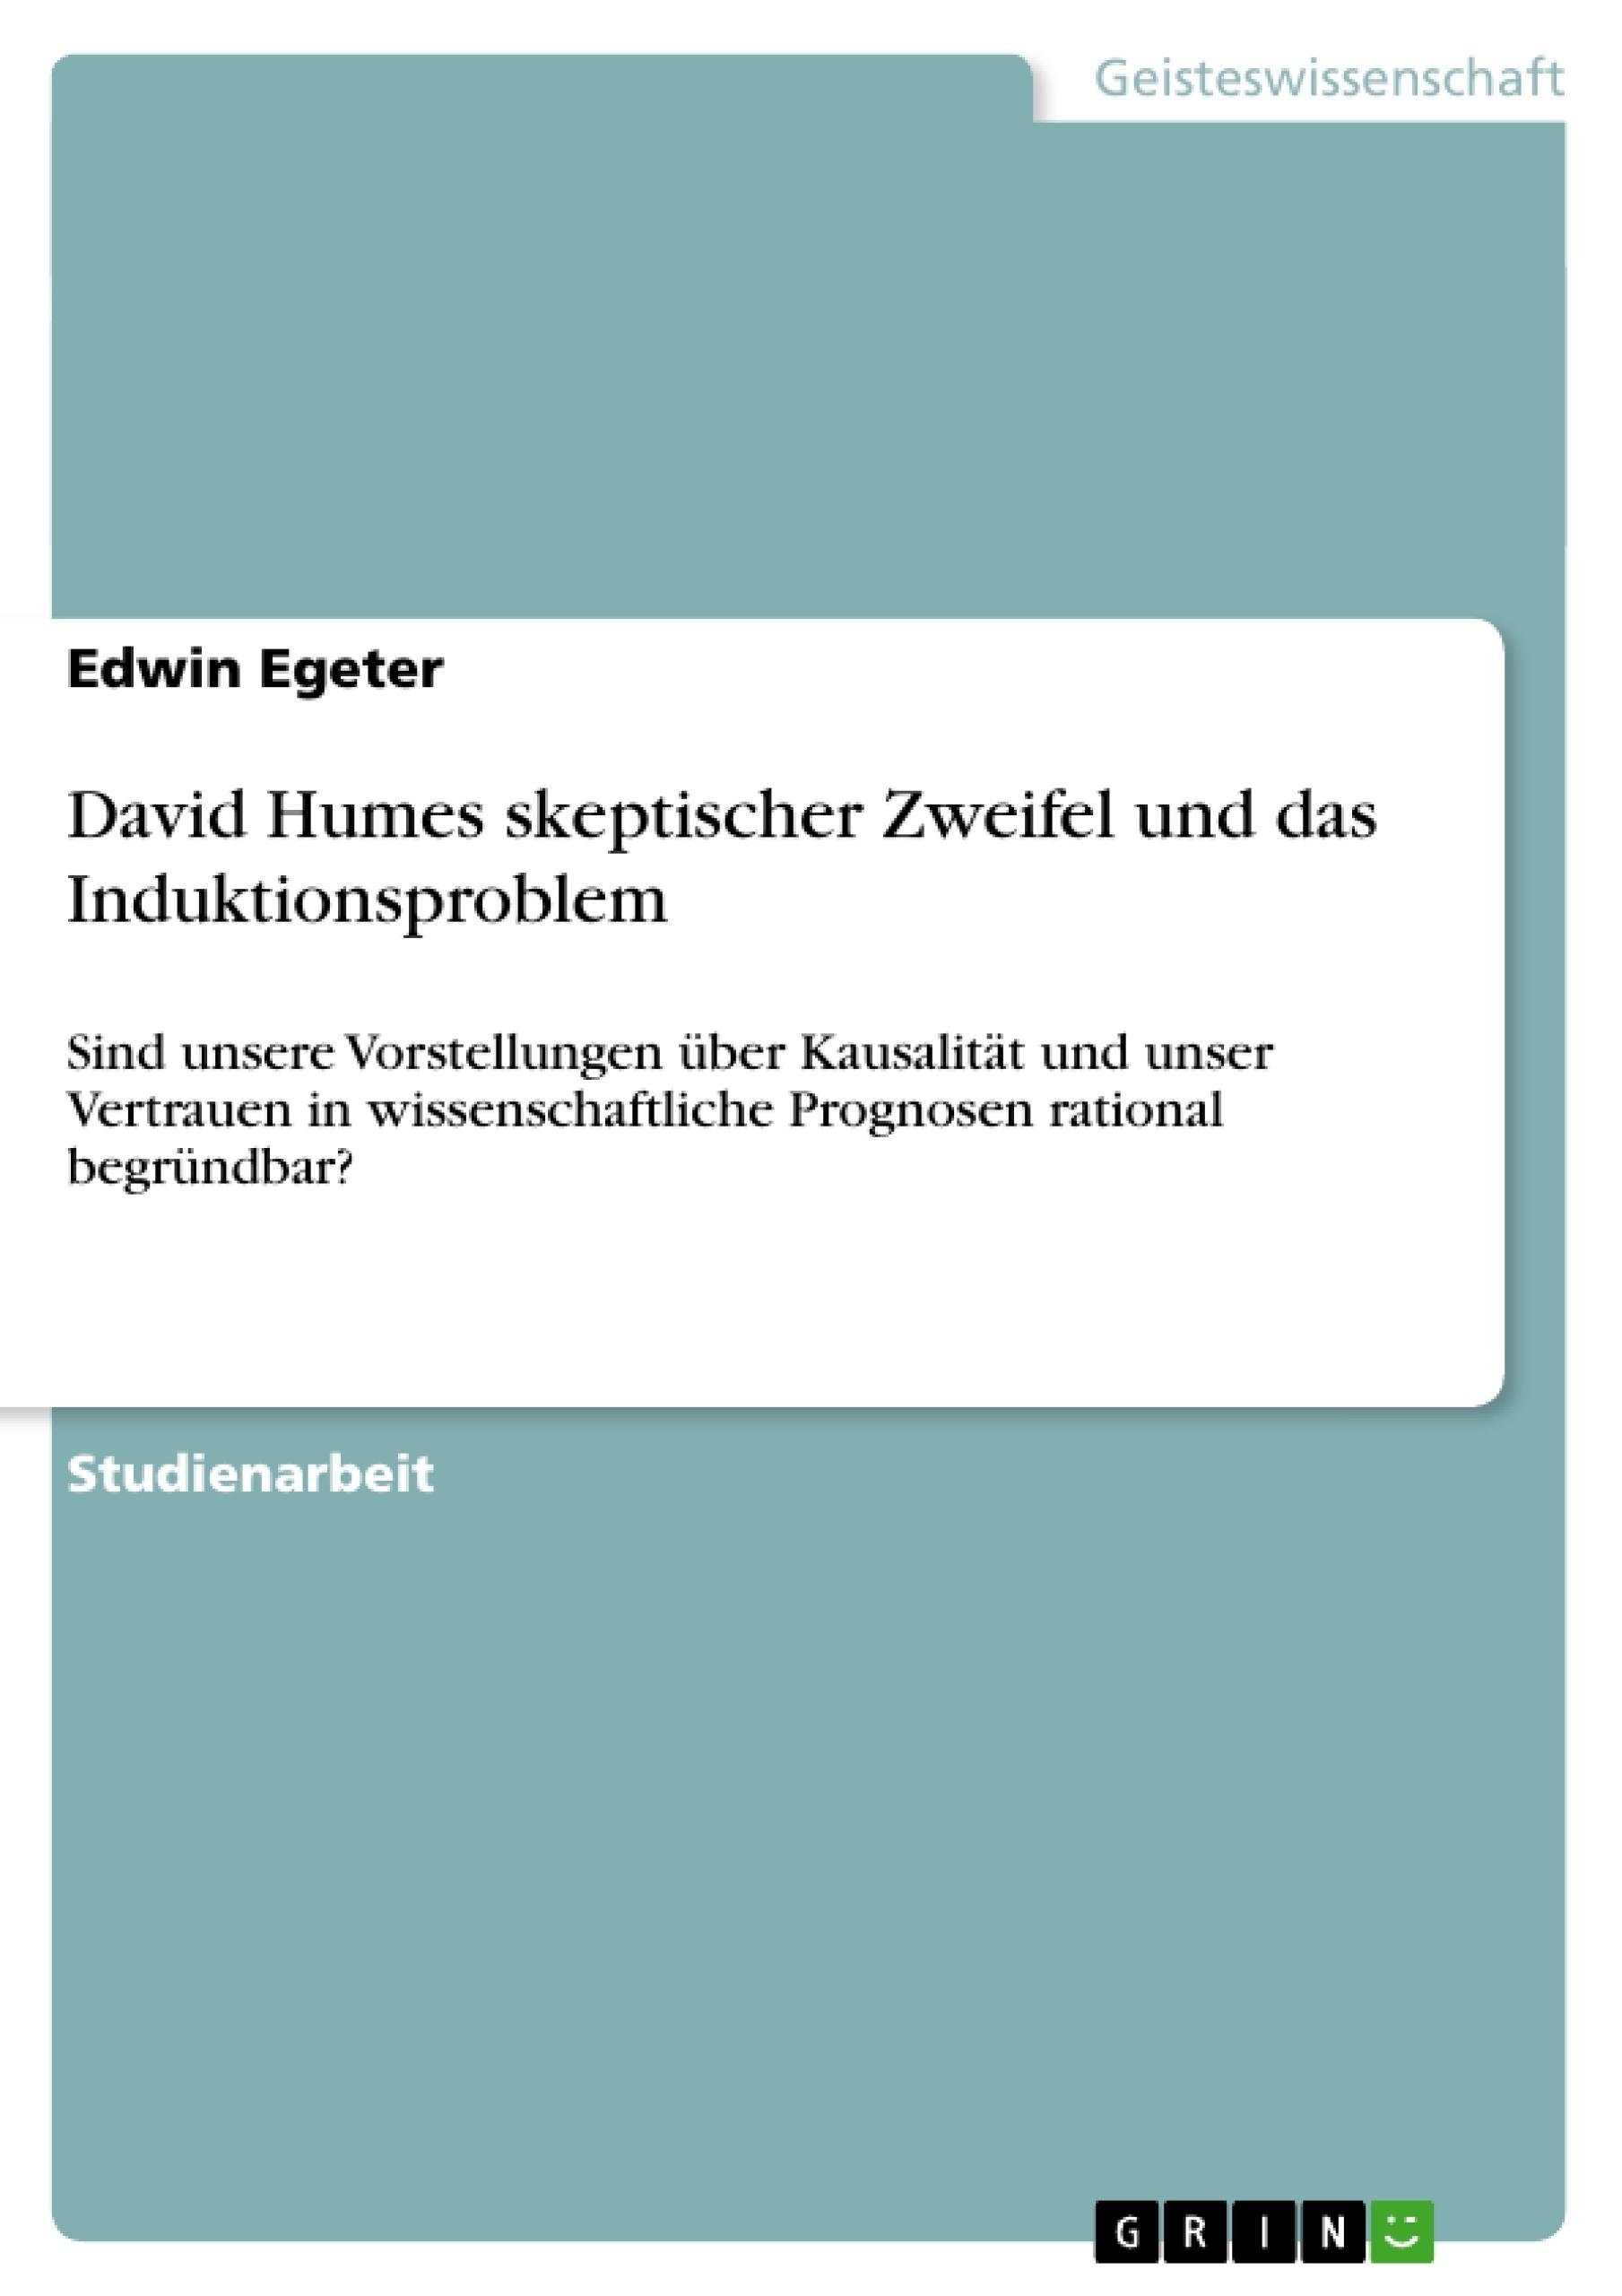 Titel: David Humes skeptischer Zweifel und das Induktionsproblem